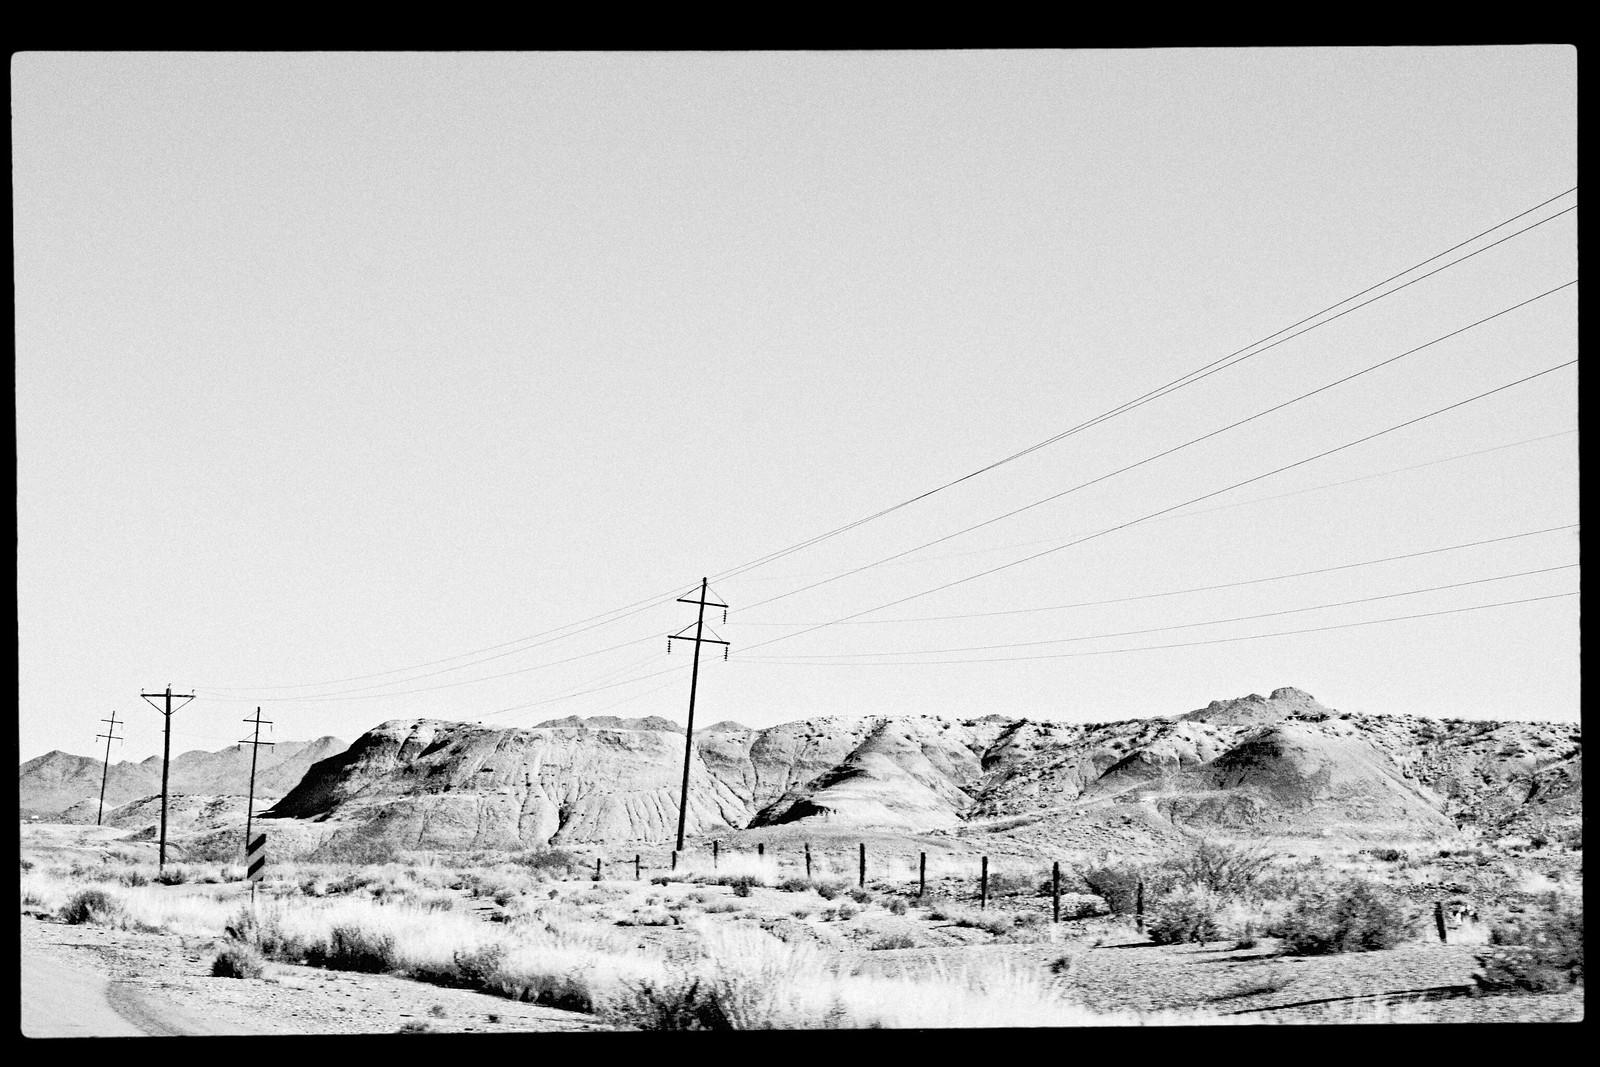 Utility Poles, Texas, 2006